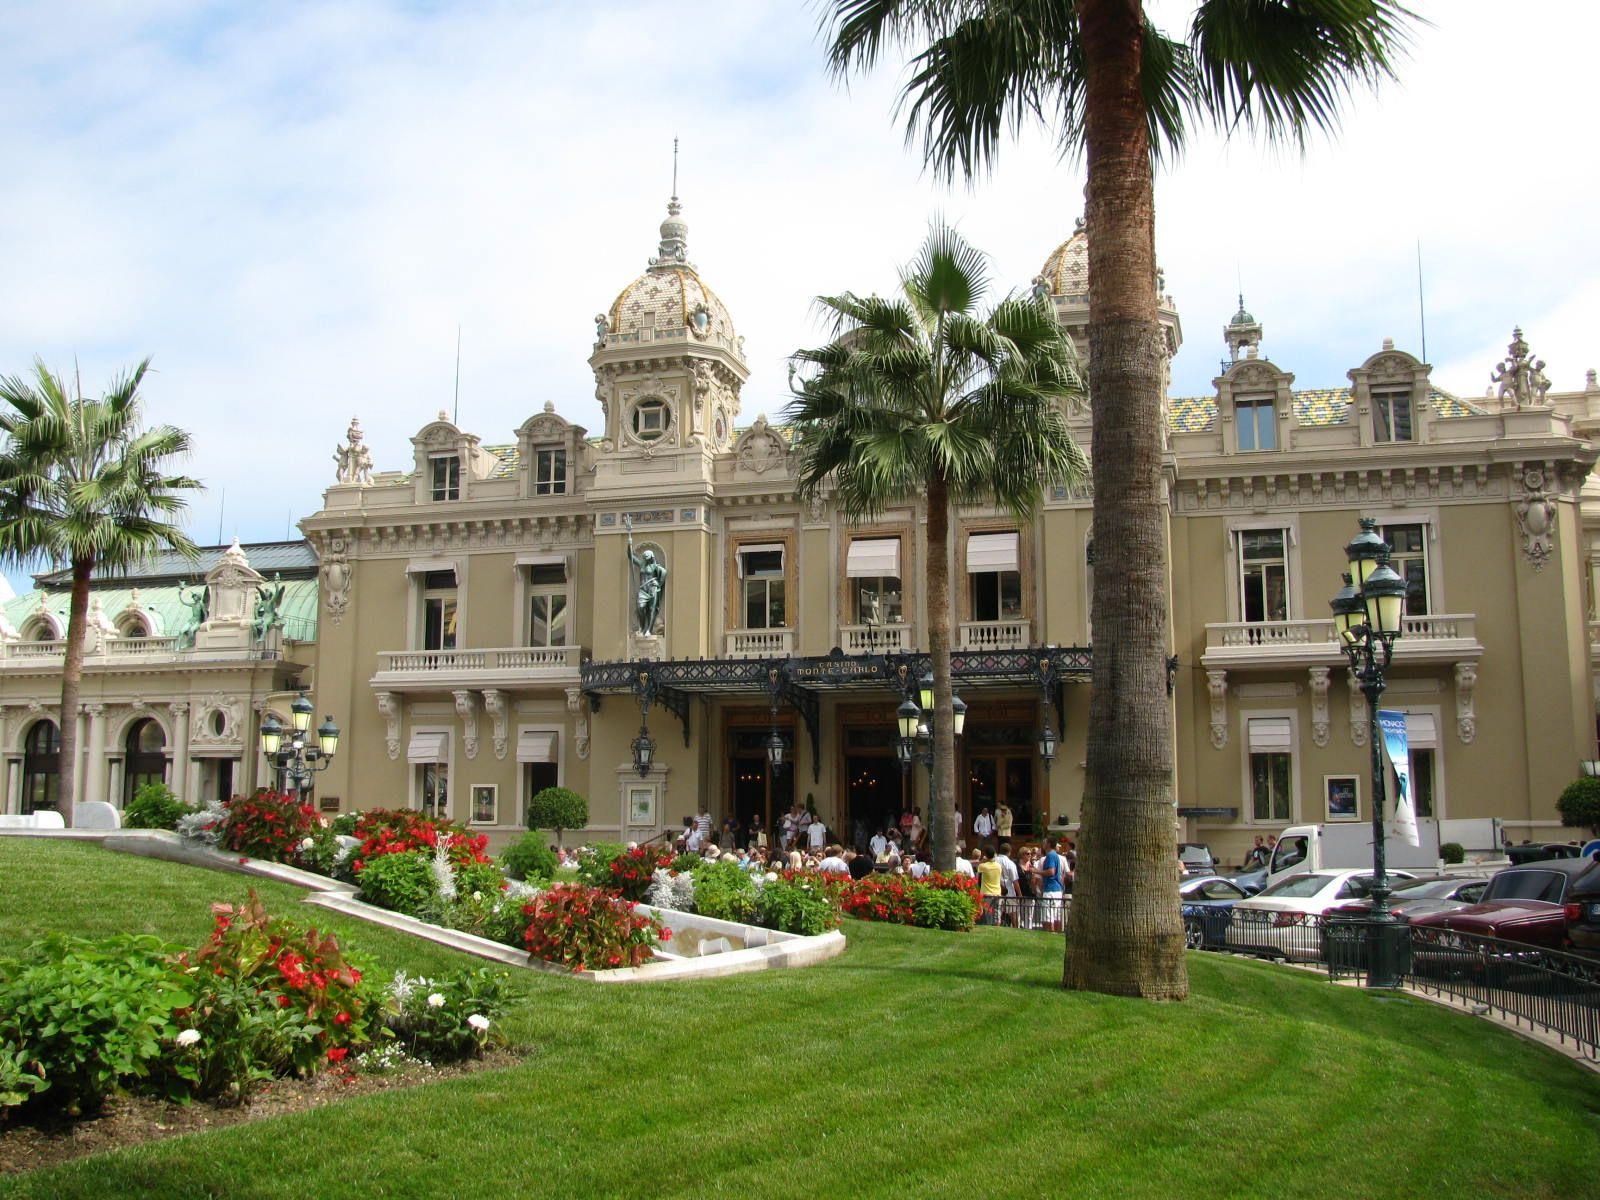 Royal casino, Monaco